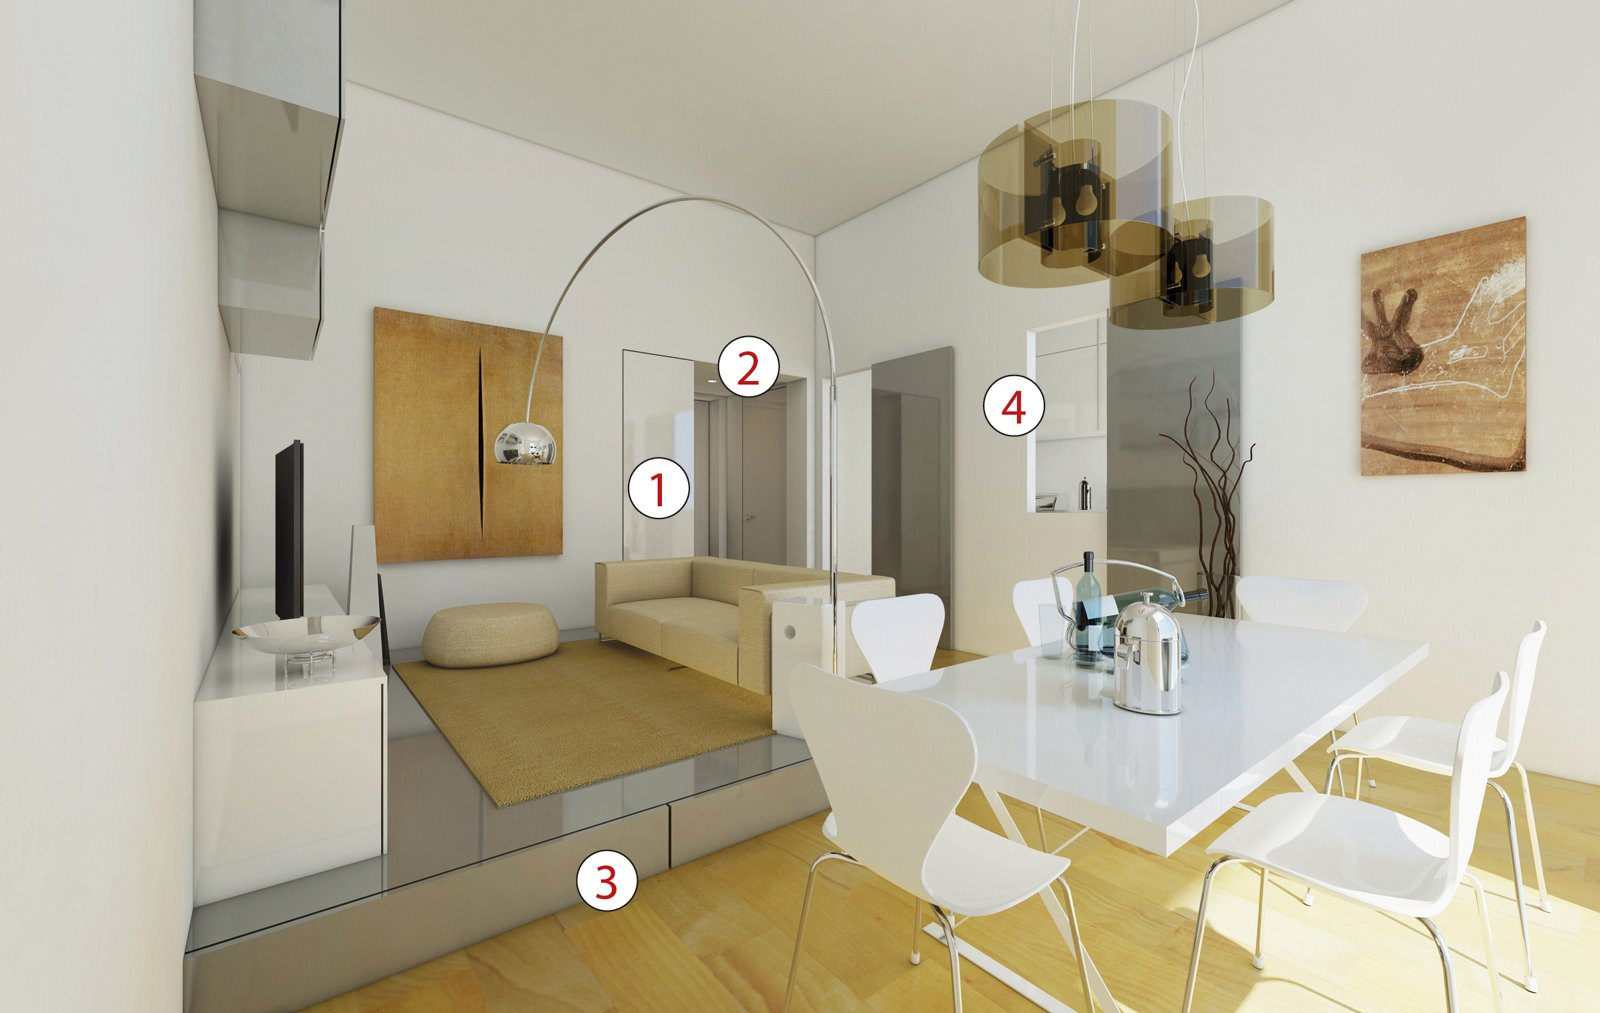 Tante idee per migliorare casa focus sulla zona giorno for Idee per ristrutturare casa